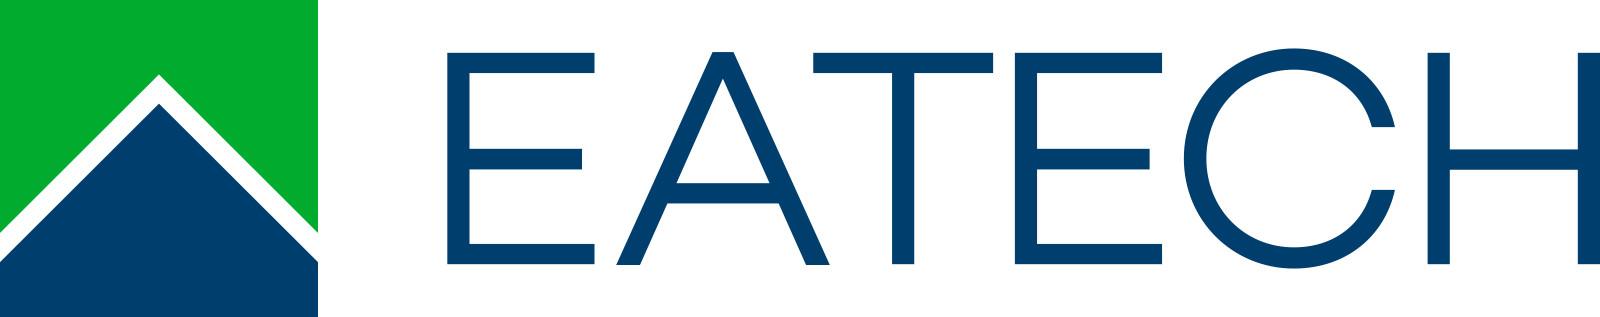 eatech-mobiilikehittaja-tampere-sdsuu-3319471 logo